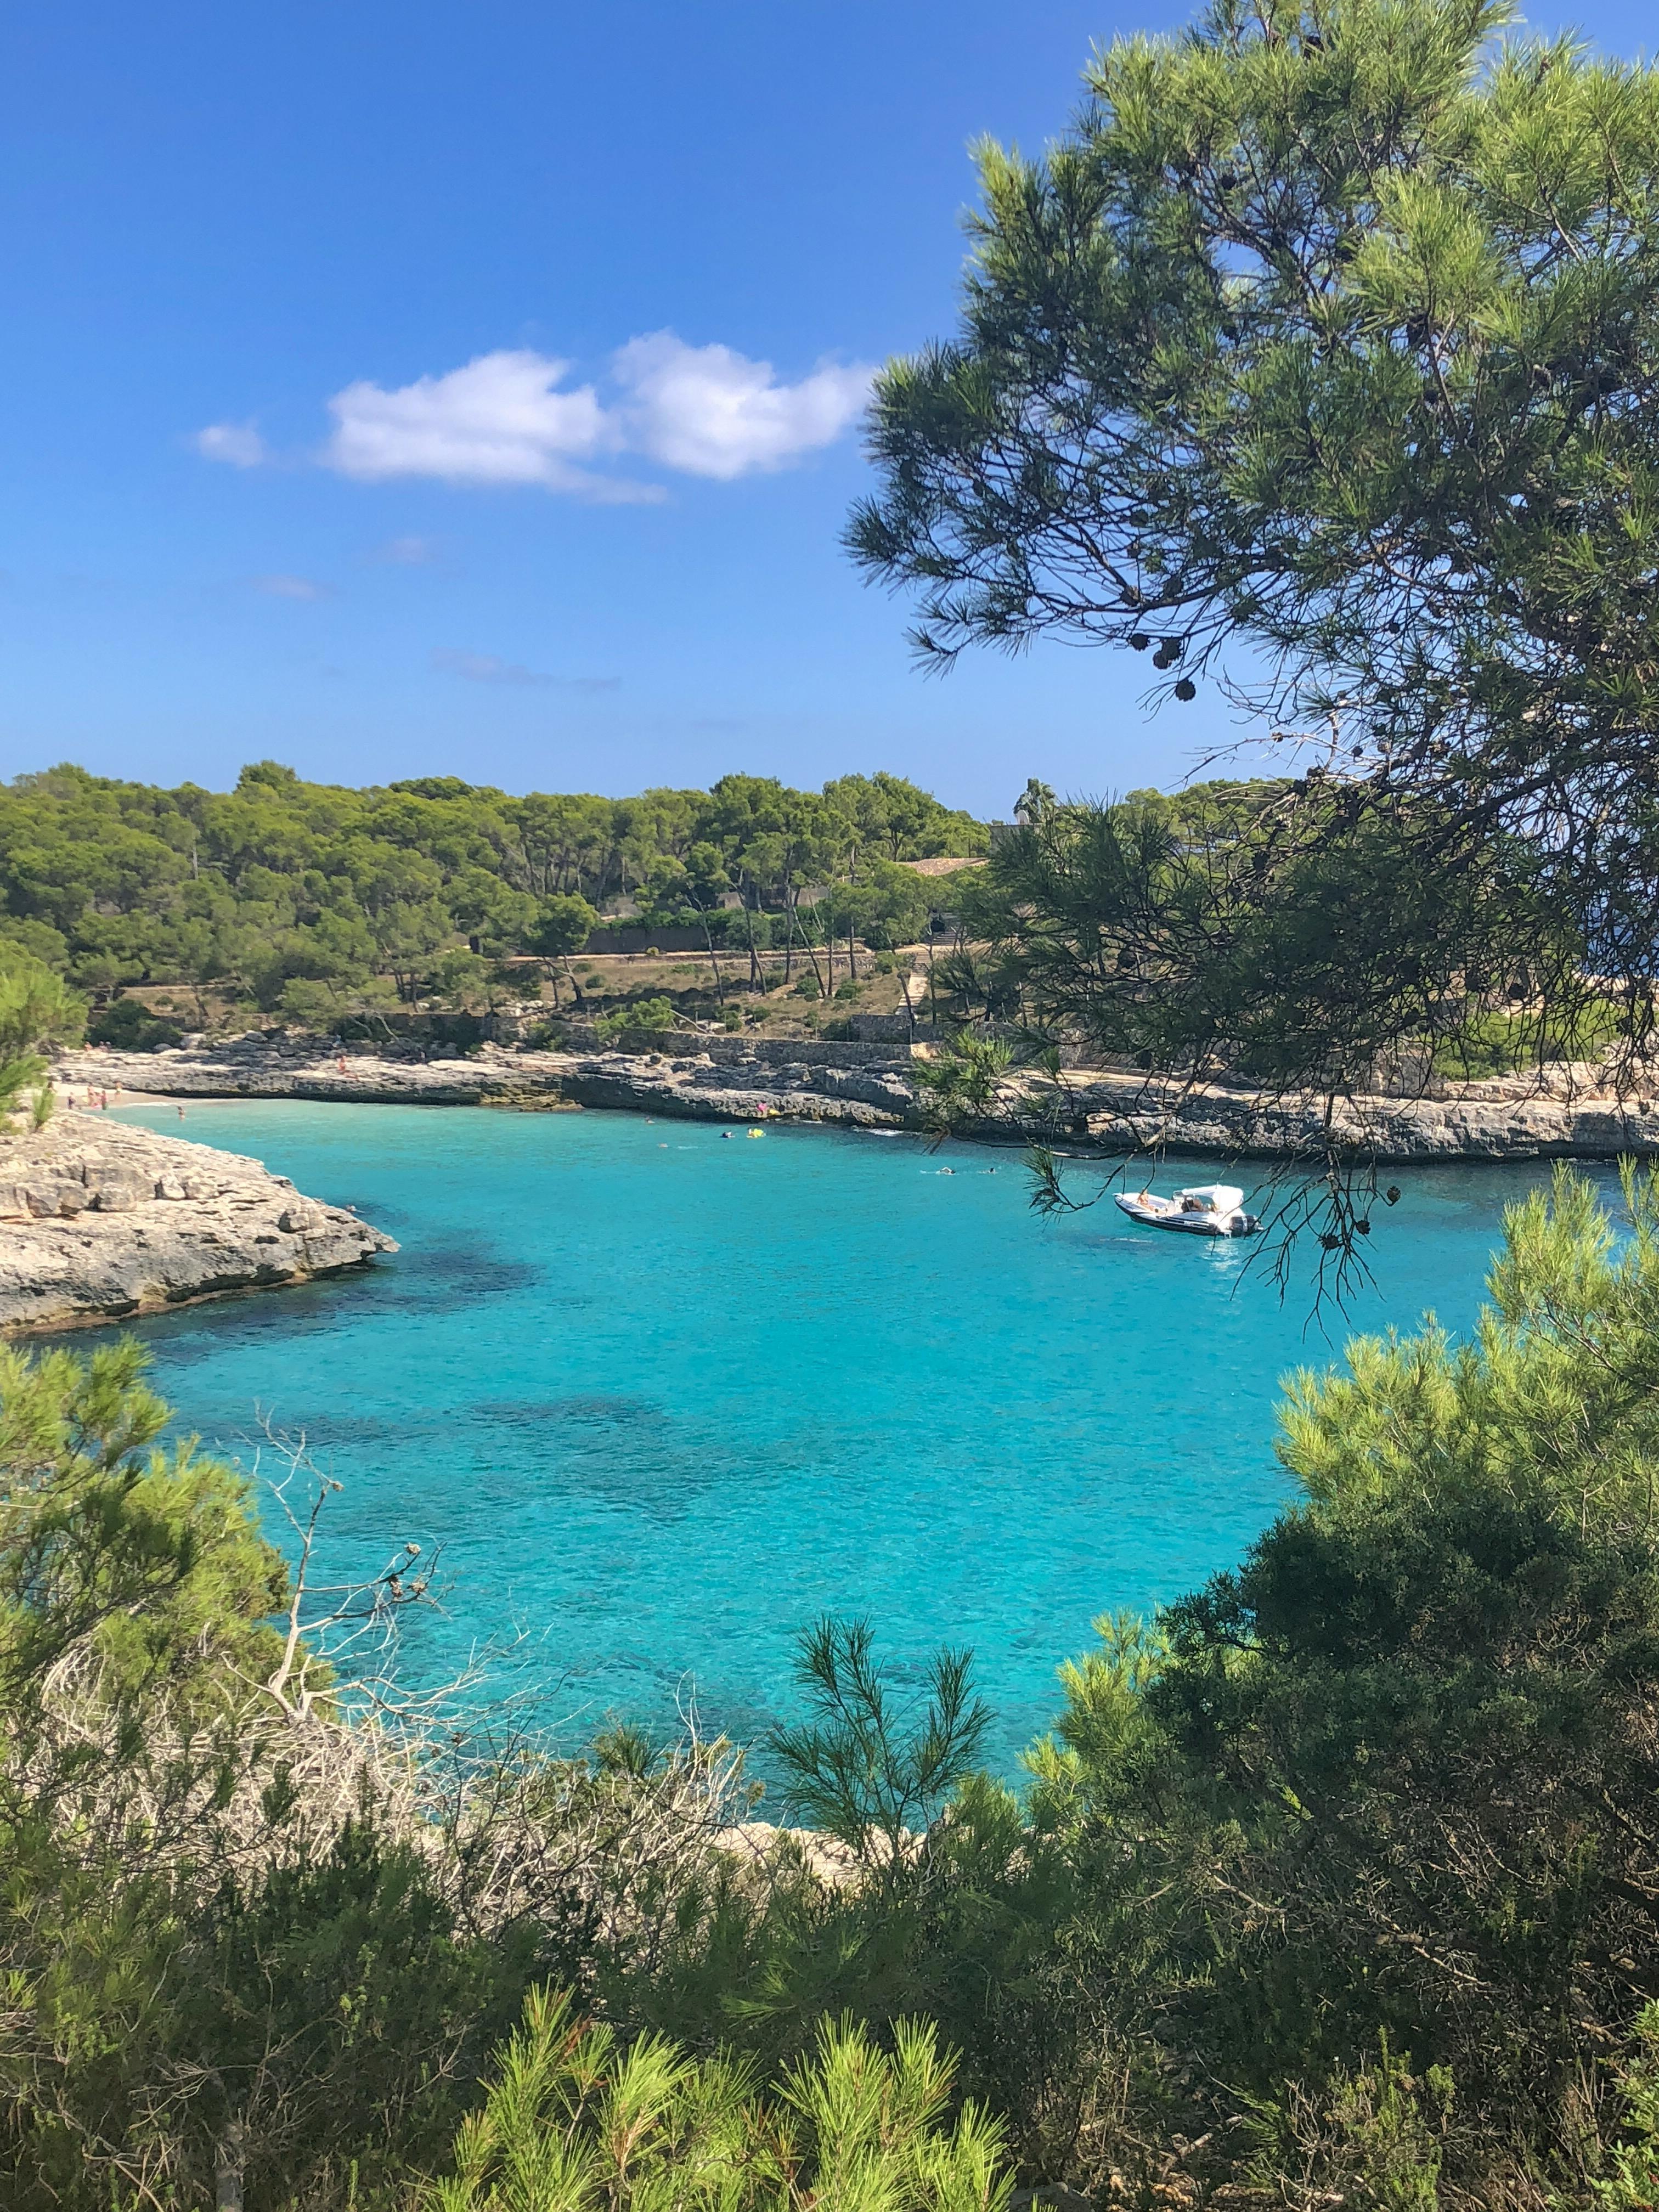 Melhores praias mais lindas nas ilhas baleares -cala figueira